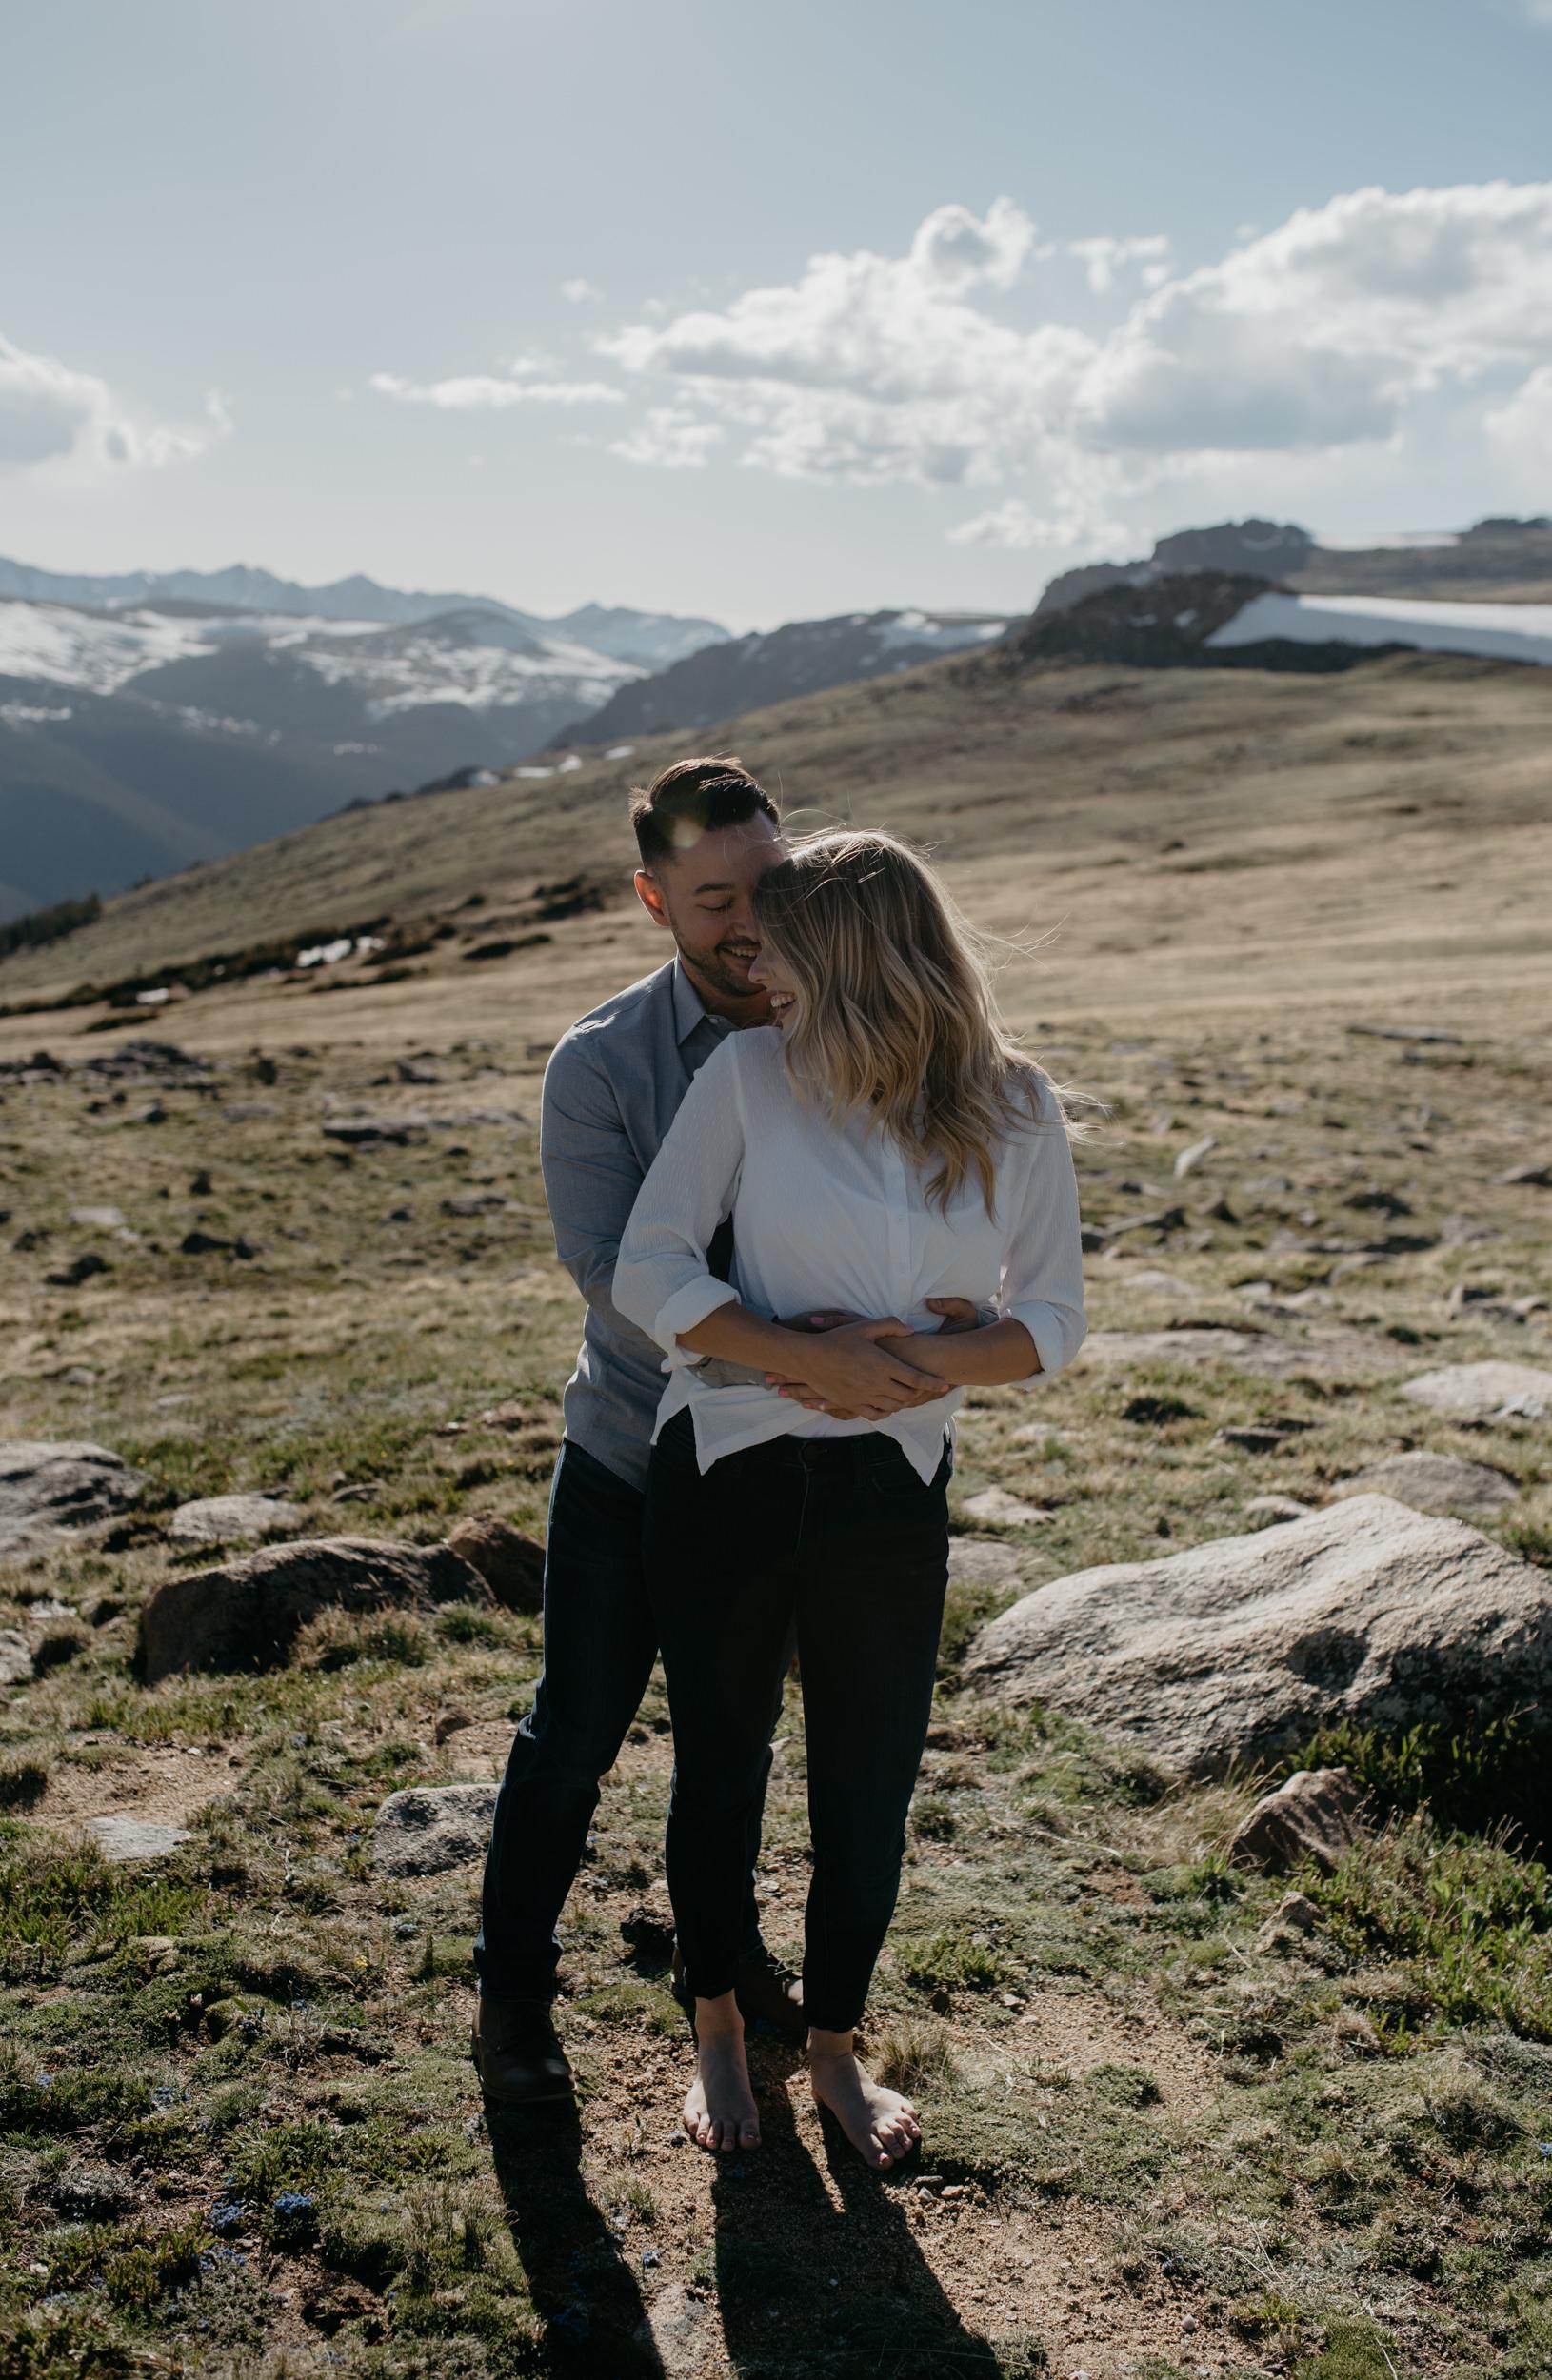 Colorado intimate wedding photographer. Mountain elopement in Colorado.